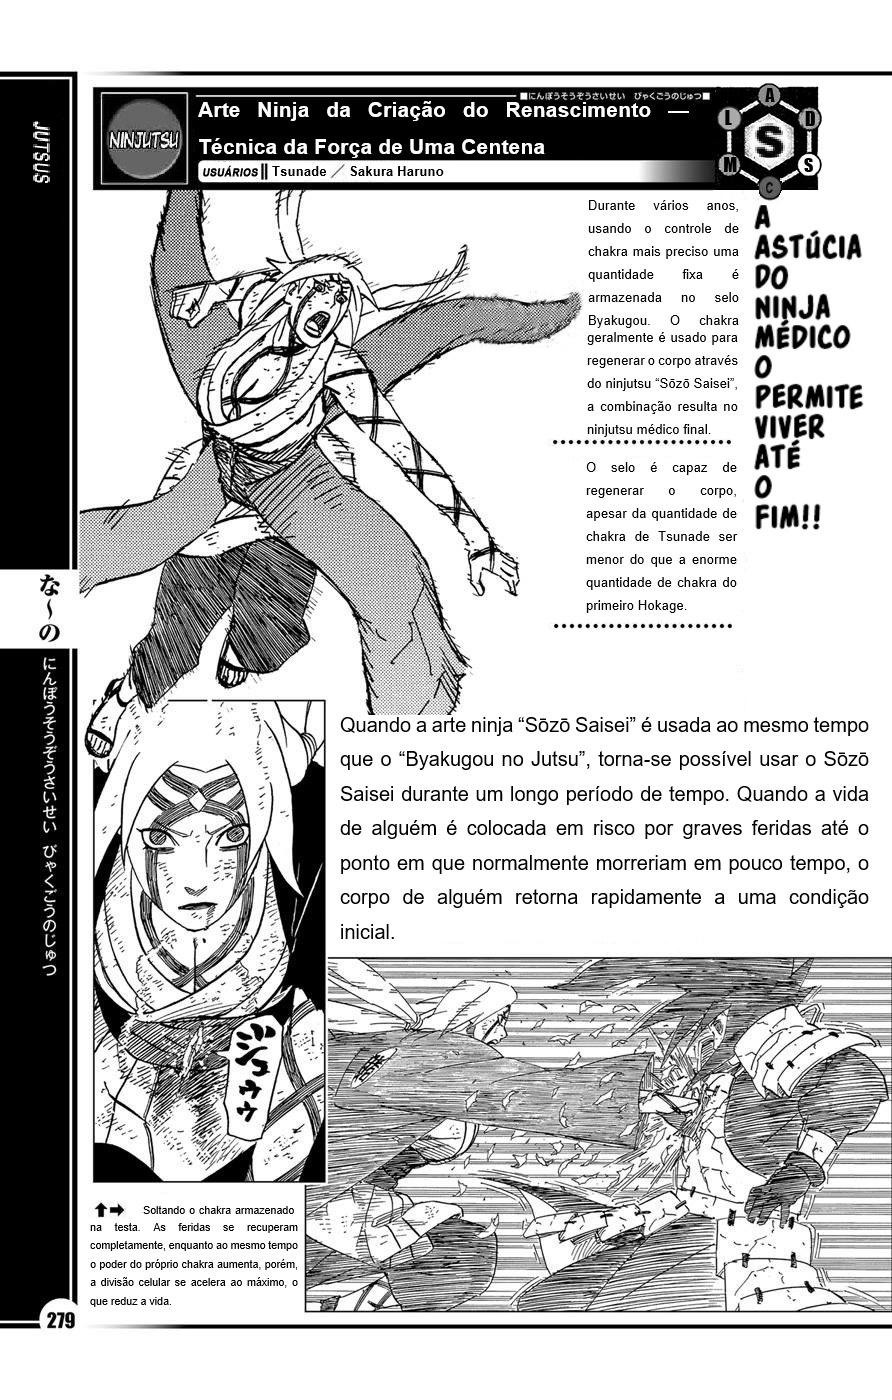 Os Hyuugas poderiam ser ótimos ninjas médicos? - Página 3 P45qjz10